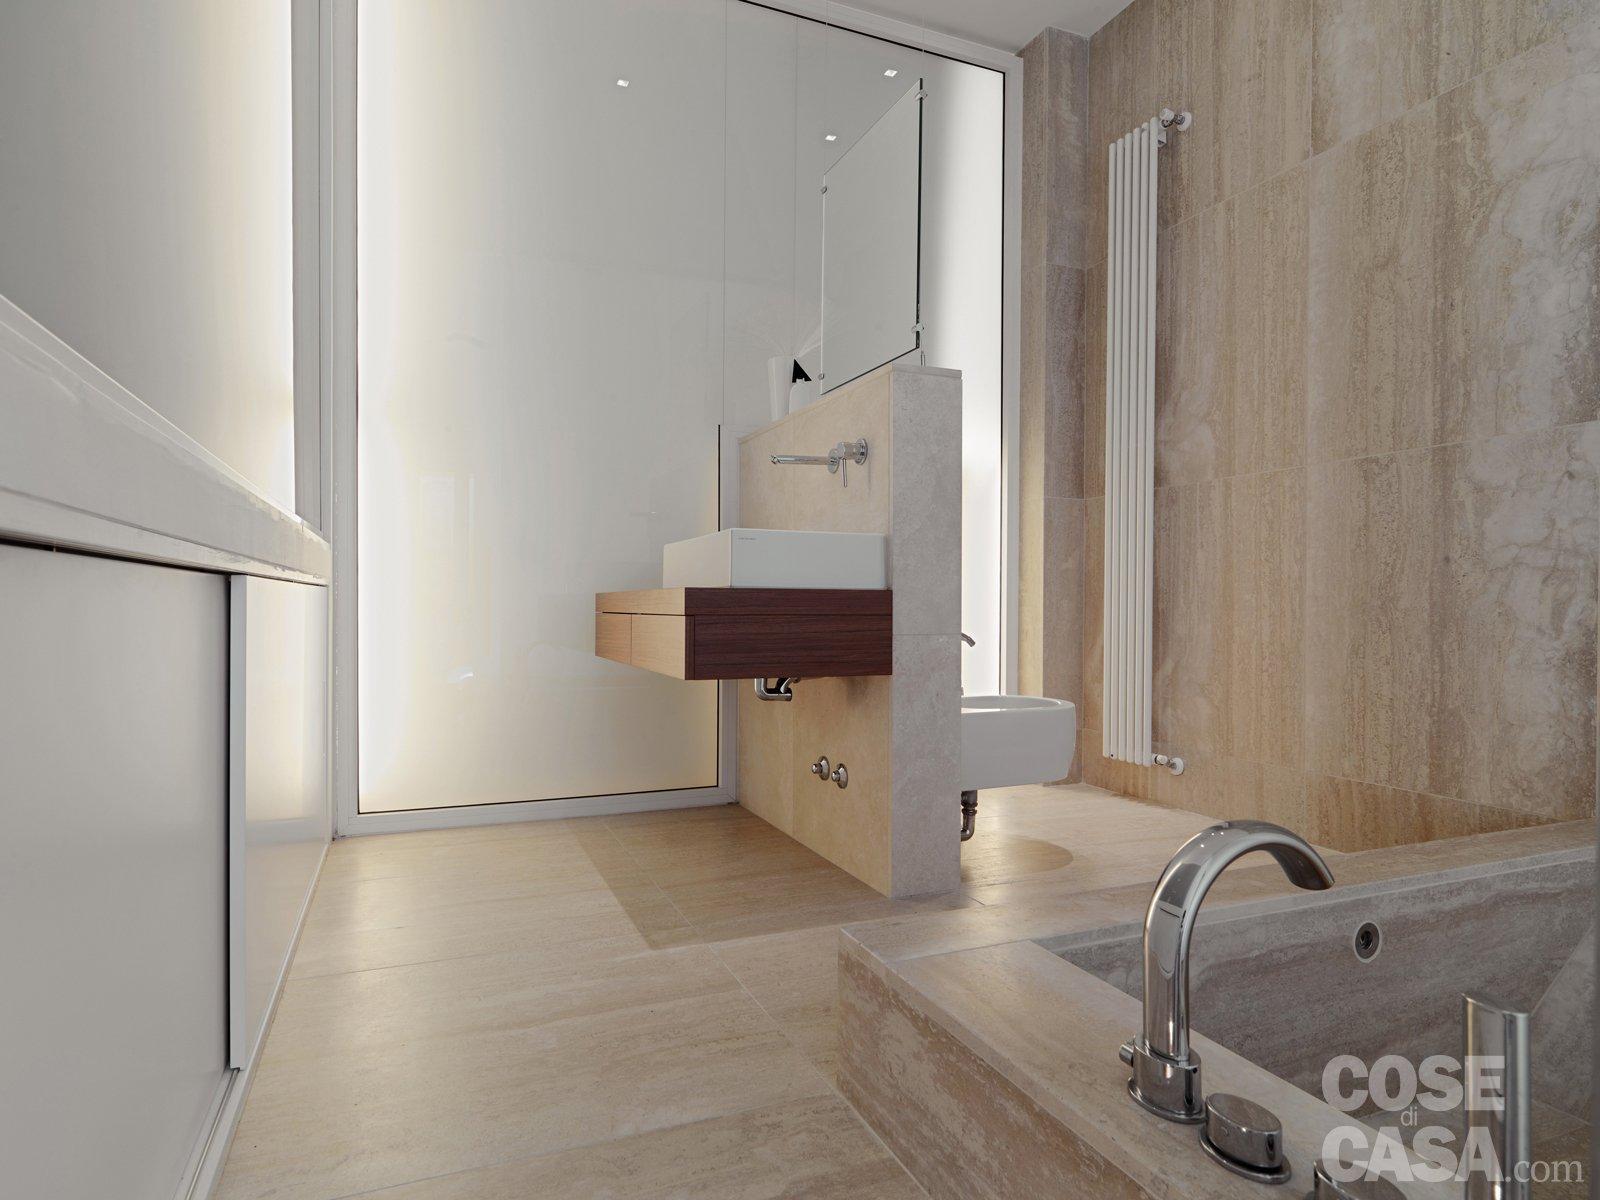 58 mq una casa sviluppata su pi livelli cose di casa - Bagno con muretto ...